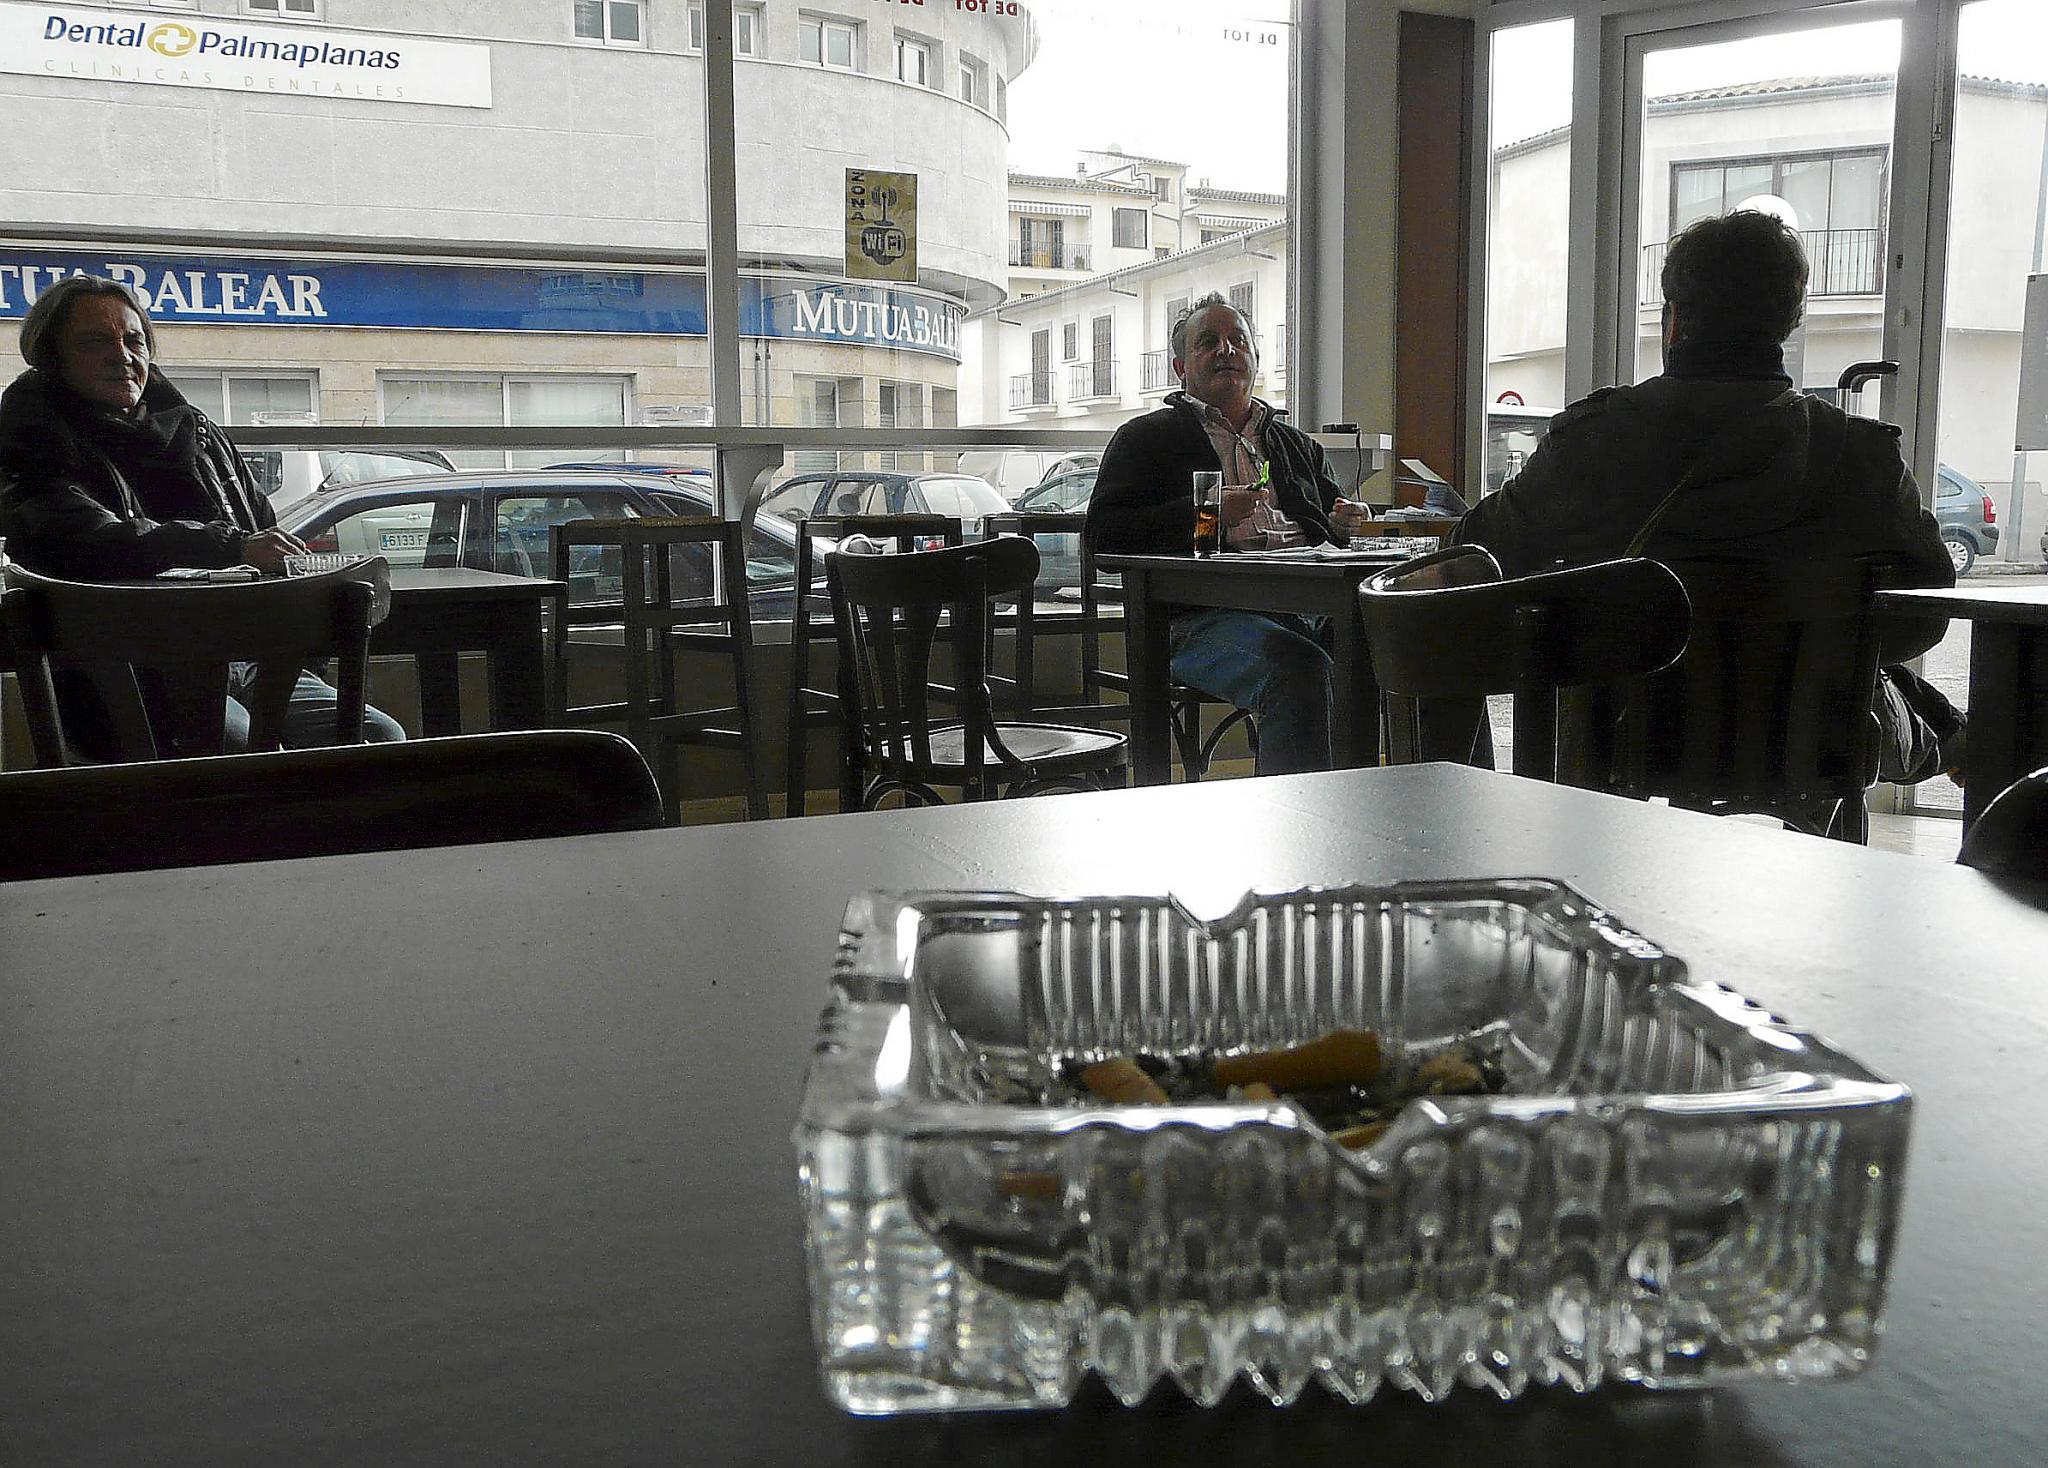 Manacor ya cuenta con la primera asociación de fumadores de las Balears